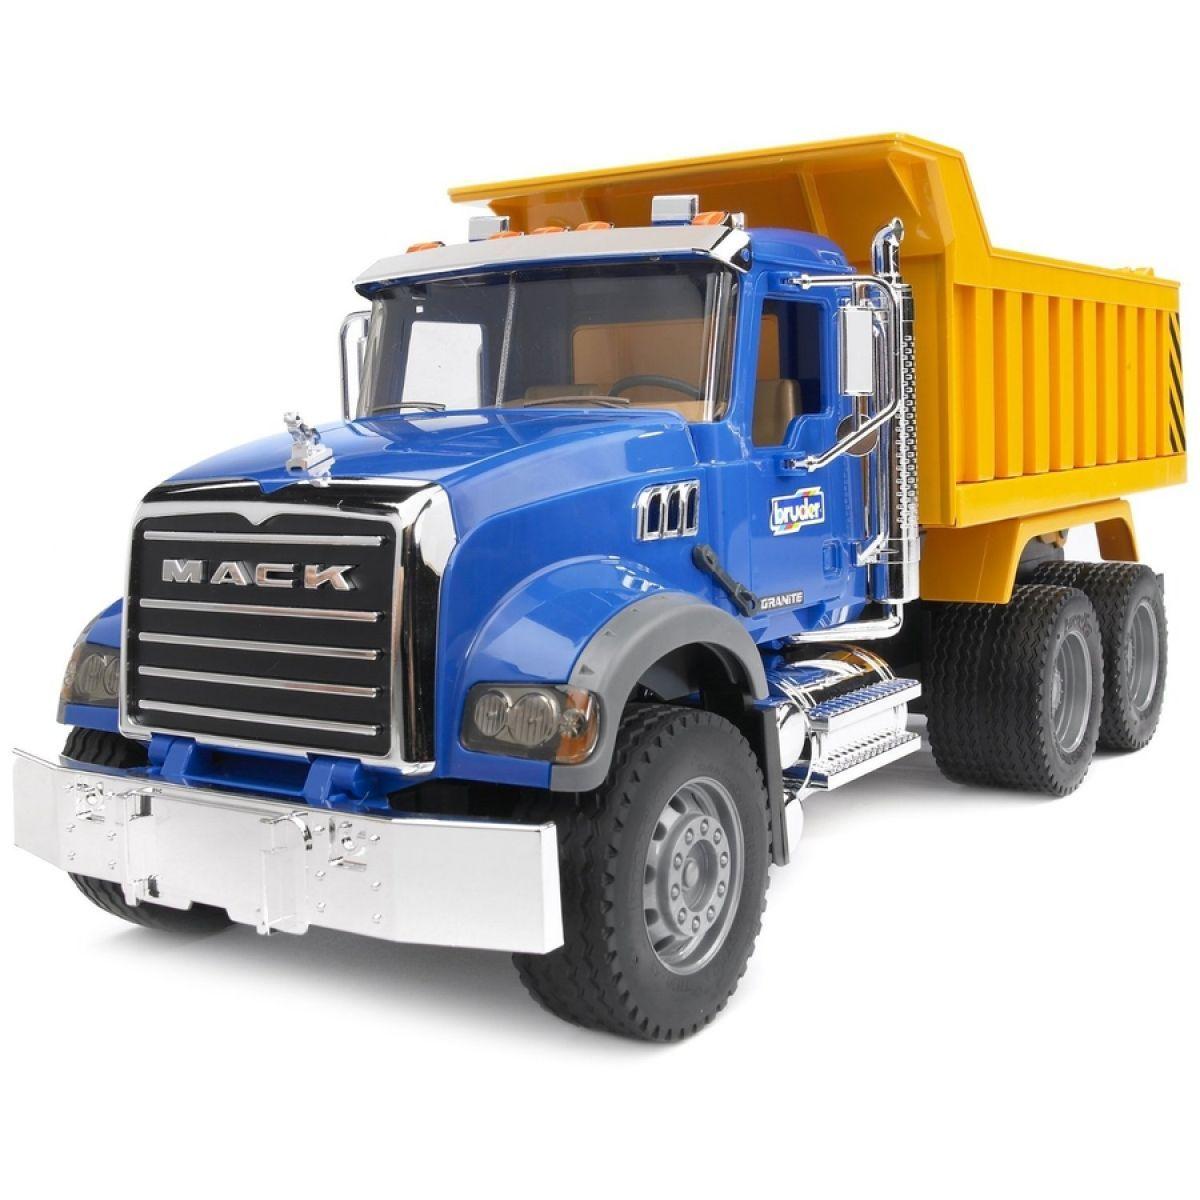 Bruder 02815 Nákladní auto Mack Granit sklápěč